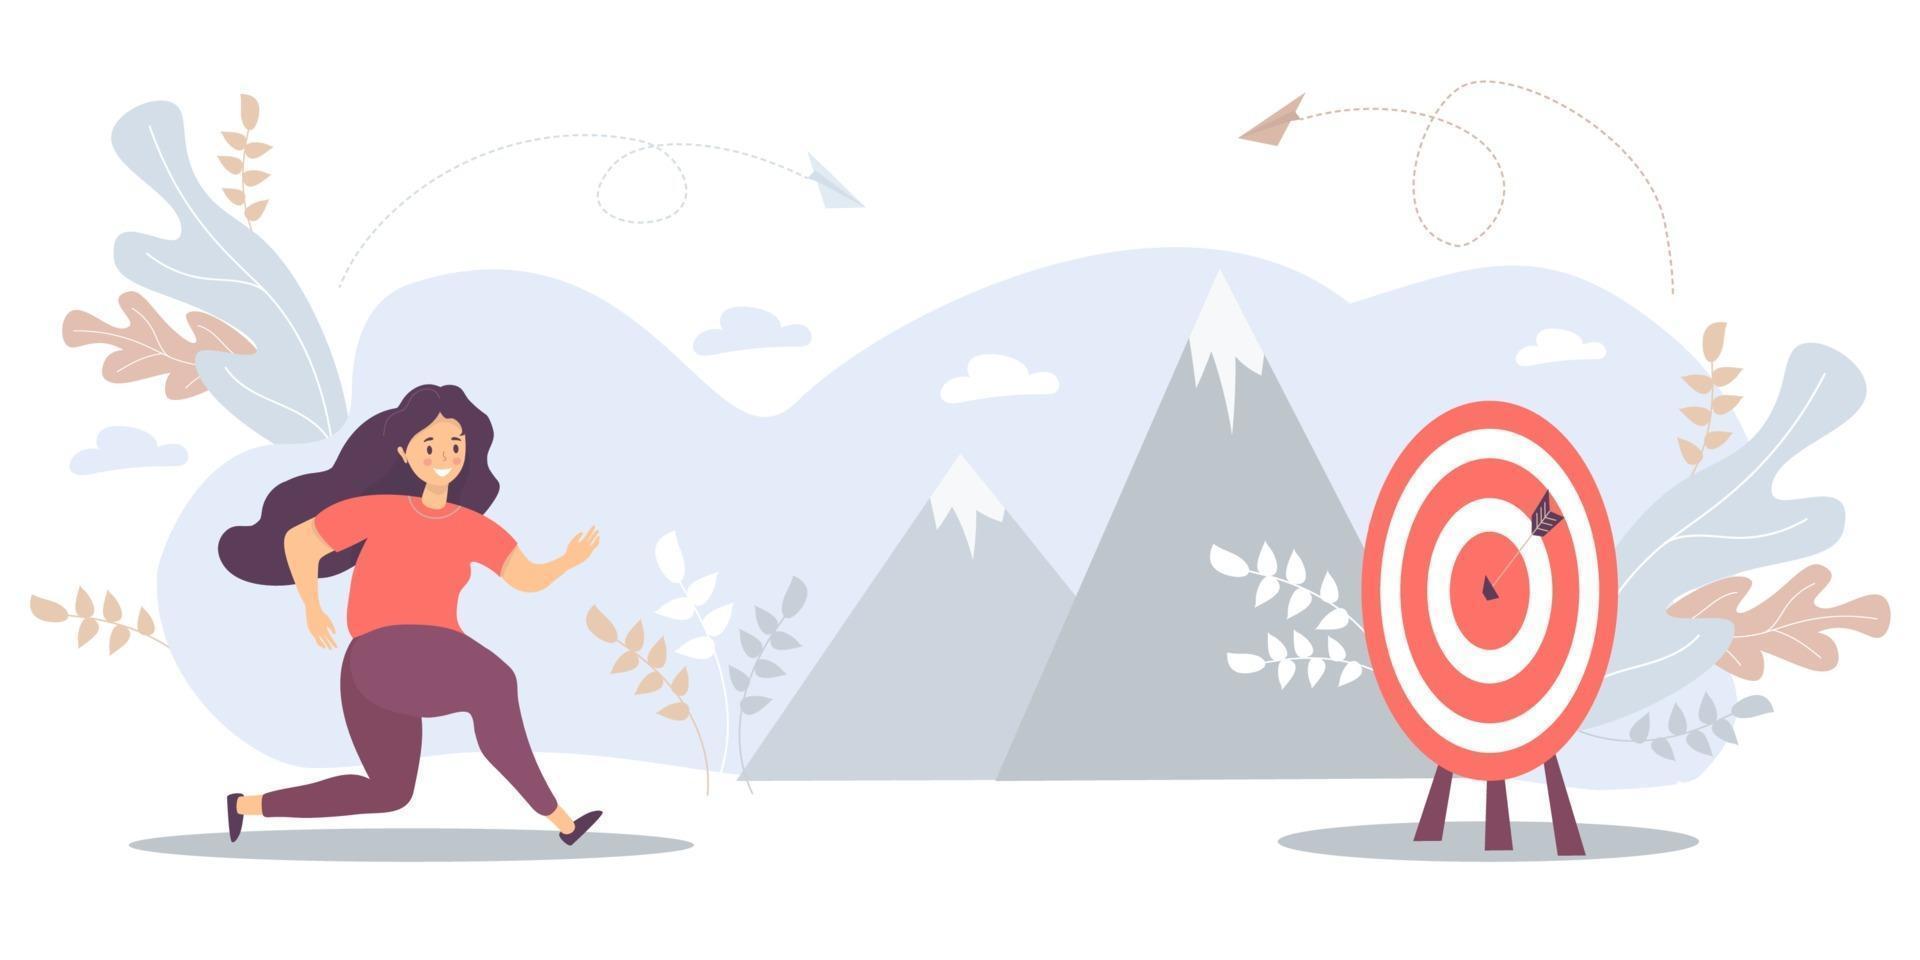 uma mulher corre para o seu alvo, move-se na motivação para a meta, no caminho para o auge do sucesso. ilustração vetorial para tarefa, objetivo, realização, negócio, marketing e conceito de negócio vetor